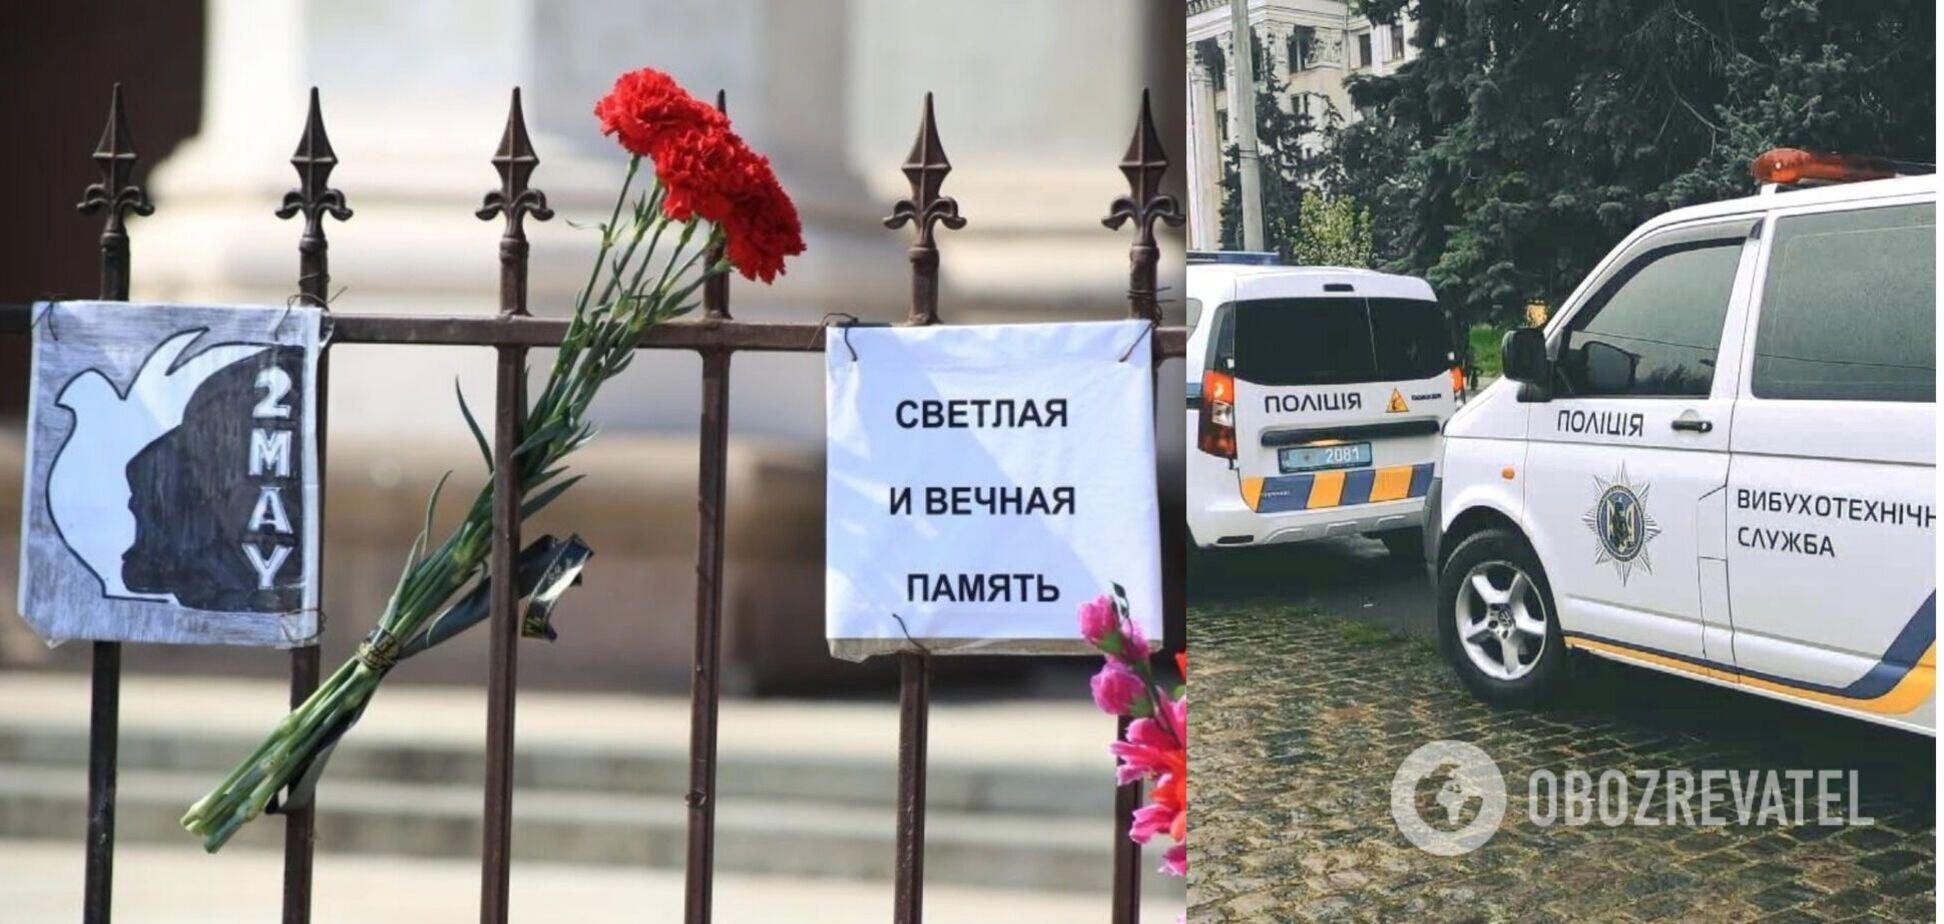 Годовщина трагедии 2 мая в Одессе: состоялся марш и возложение цветов. Фото и видео